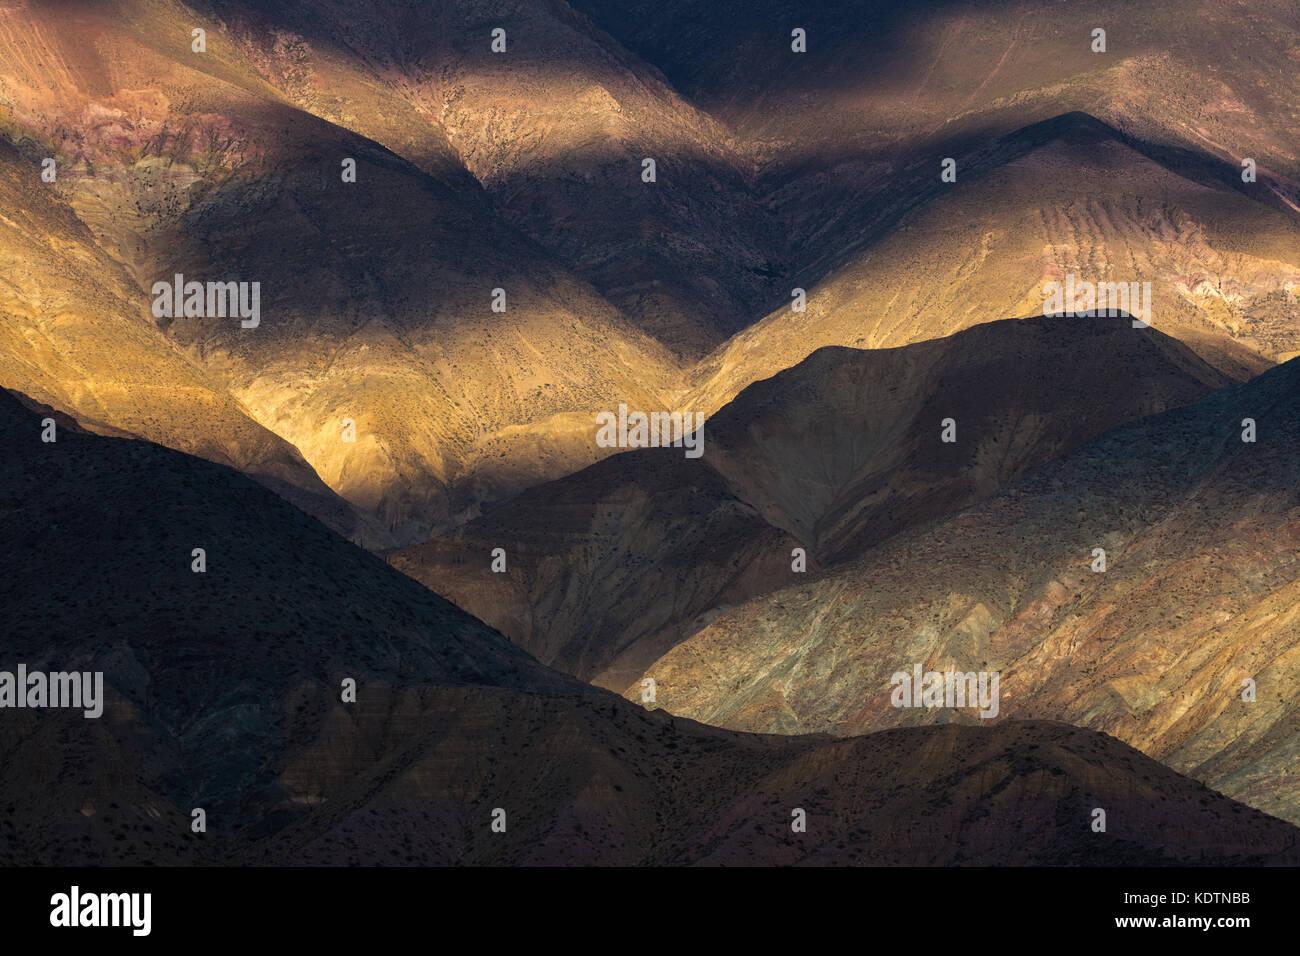 Erstes Licht auf den Hügeln in der Nähe von purmamarca, Quebrada de humahuacha, Provinz Jujuy, Argentinien Stockbild